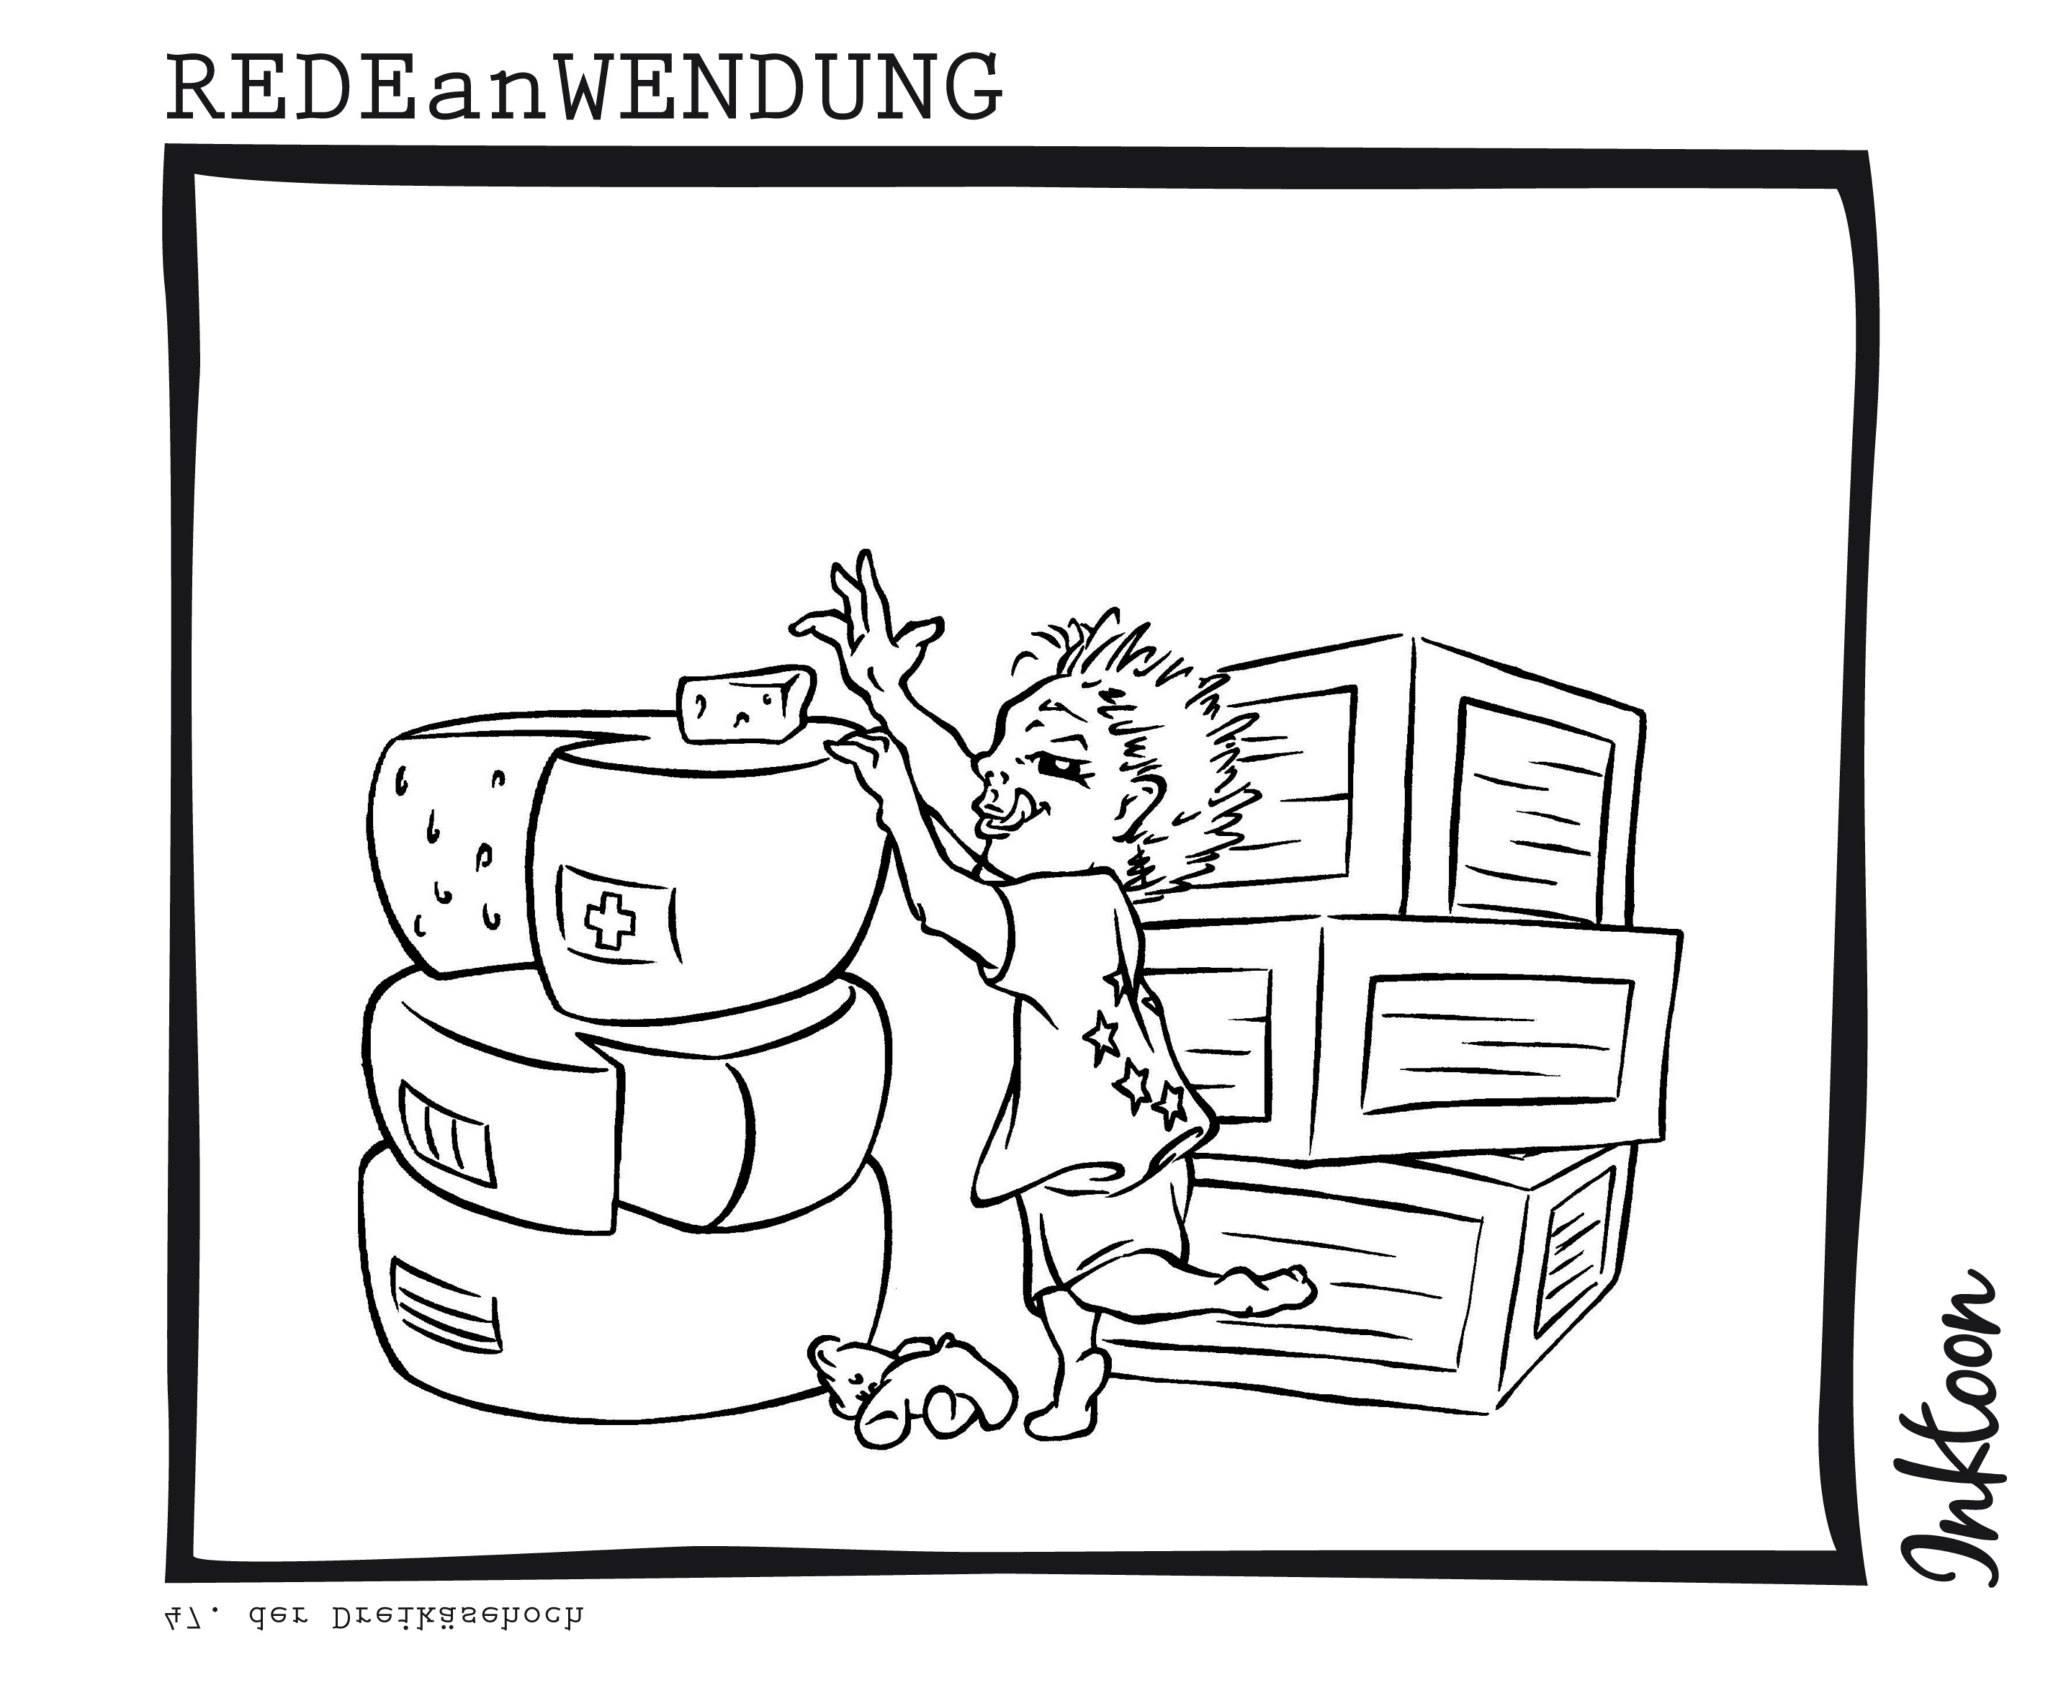 Gernegroß abgebrochener Zwerg Dreikäsehoch spöttisch Spott Redewendung Redeanwendung Bilderrätsel toon inktoon Illustration Grafik Sprichwort Bild